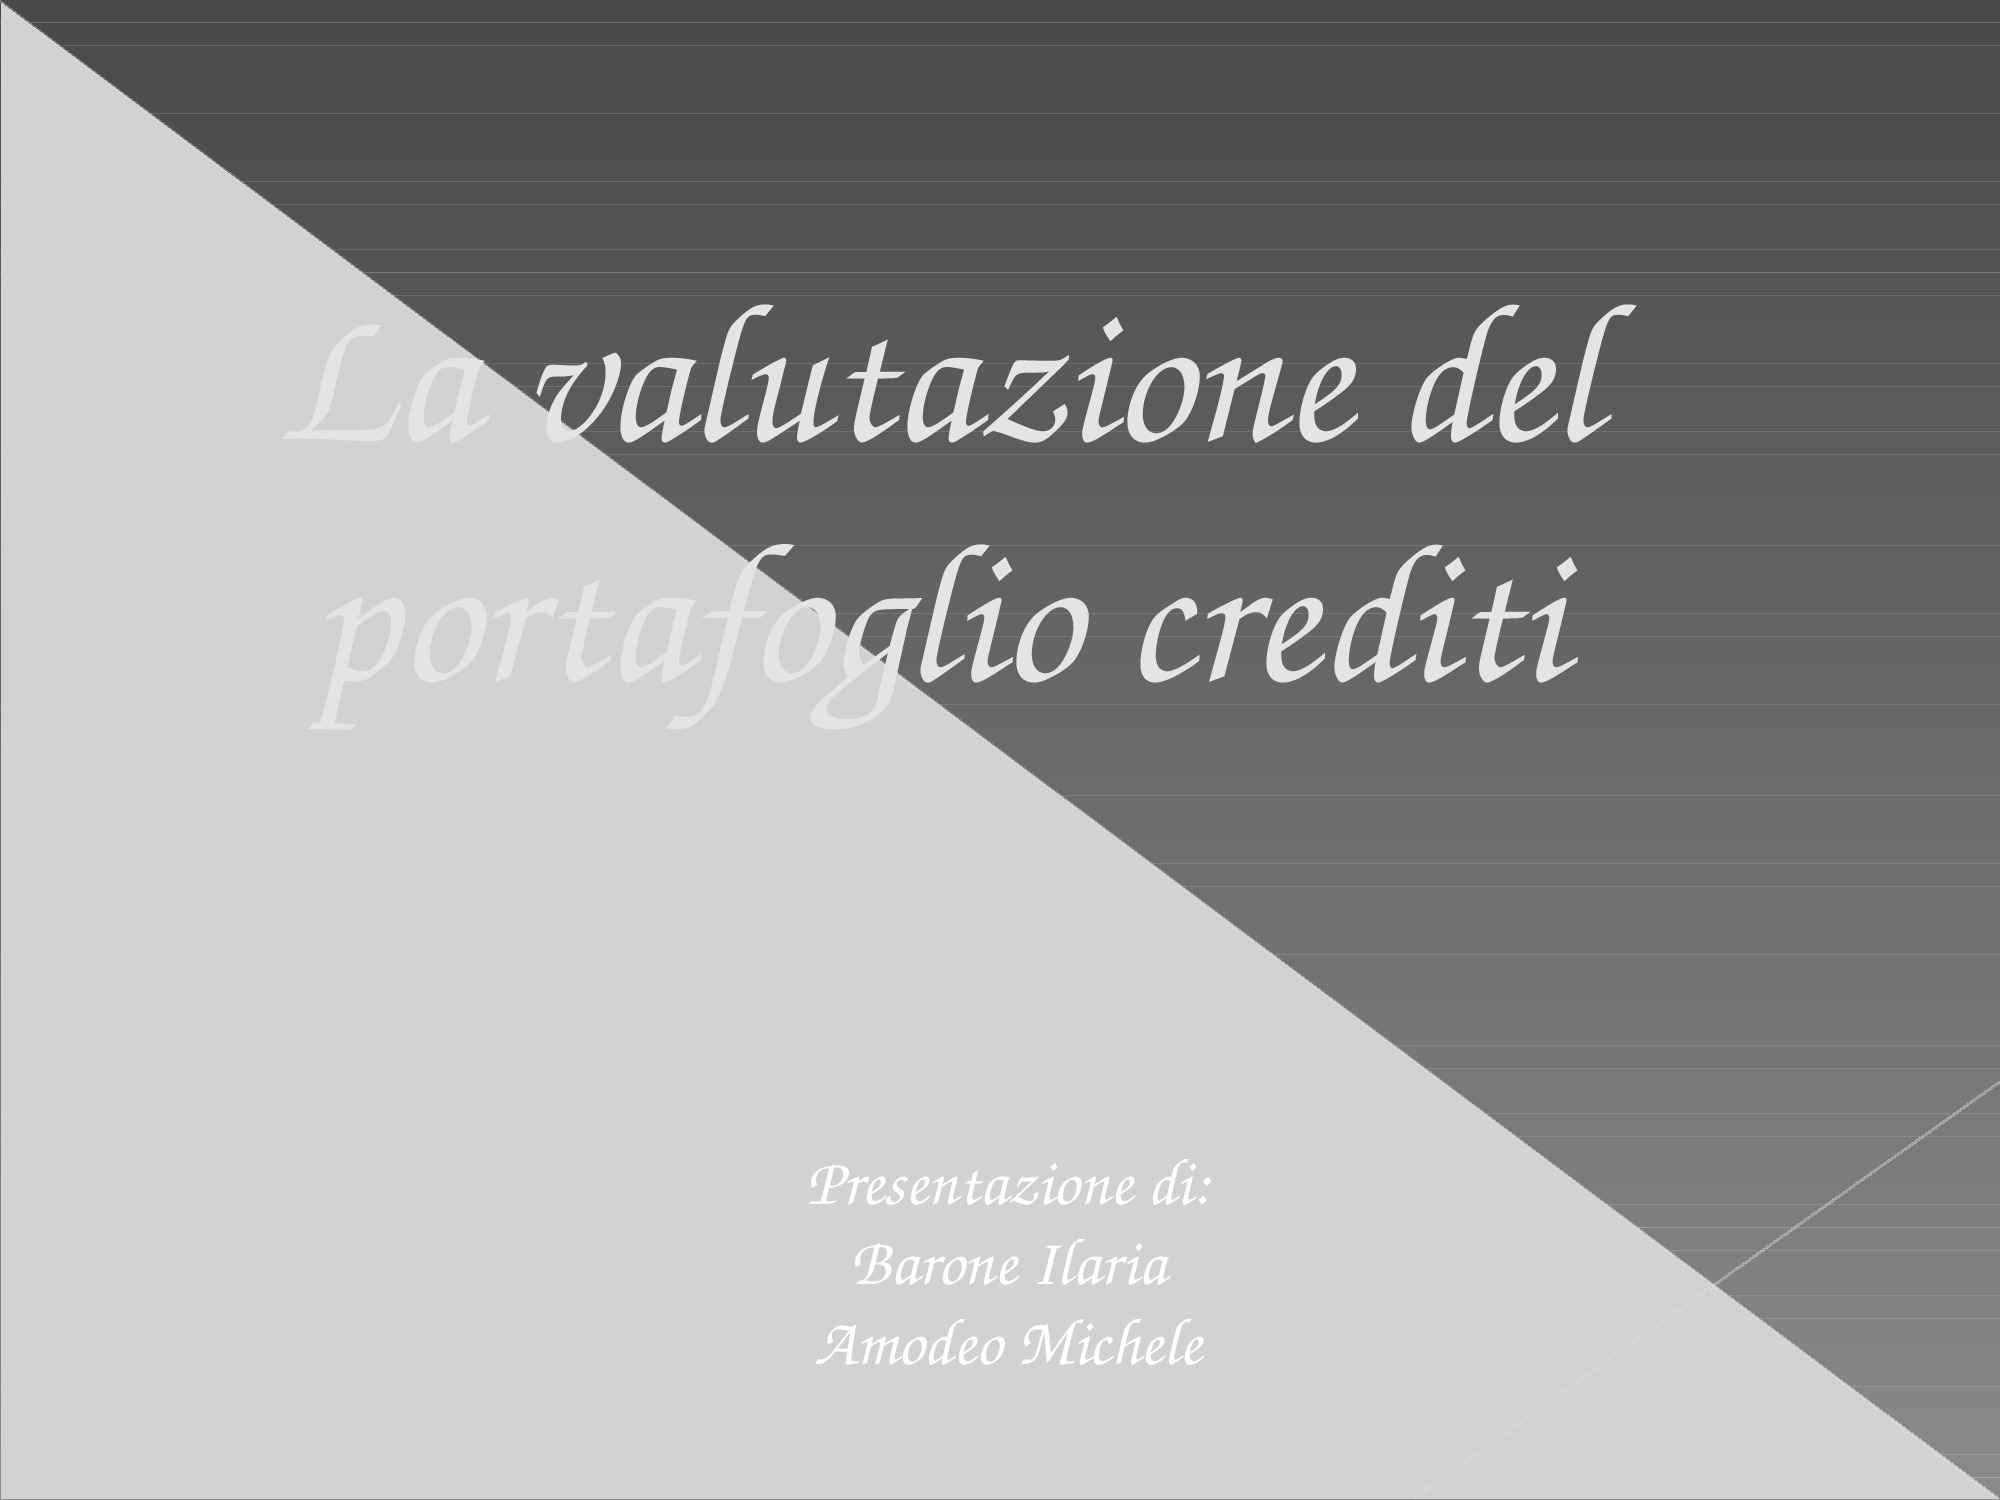 Valutazione portafoglio crediti